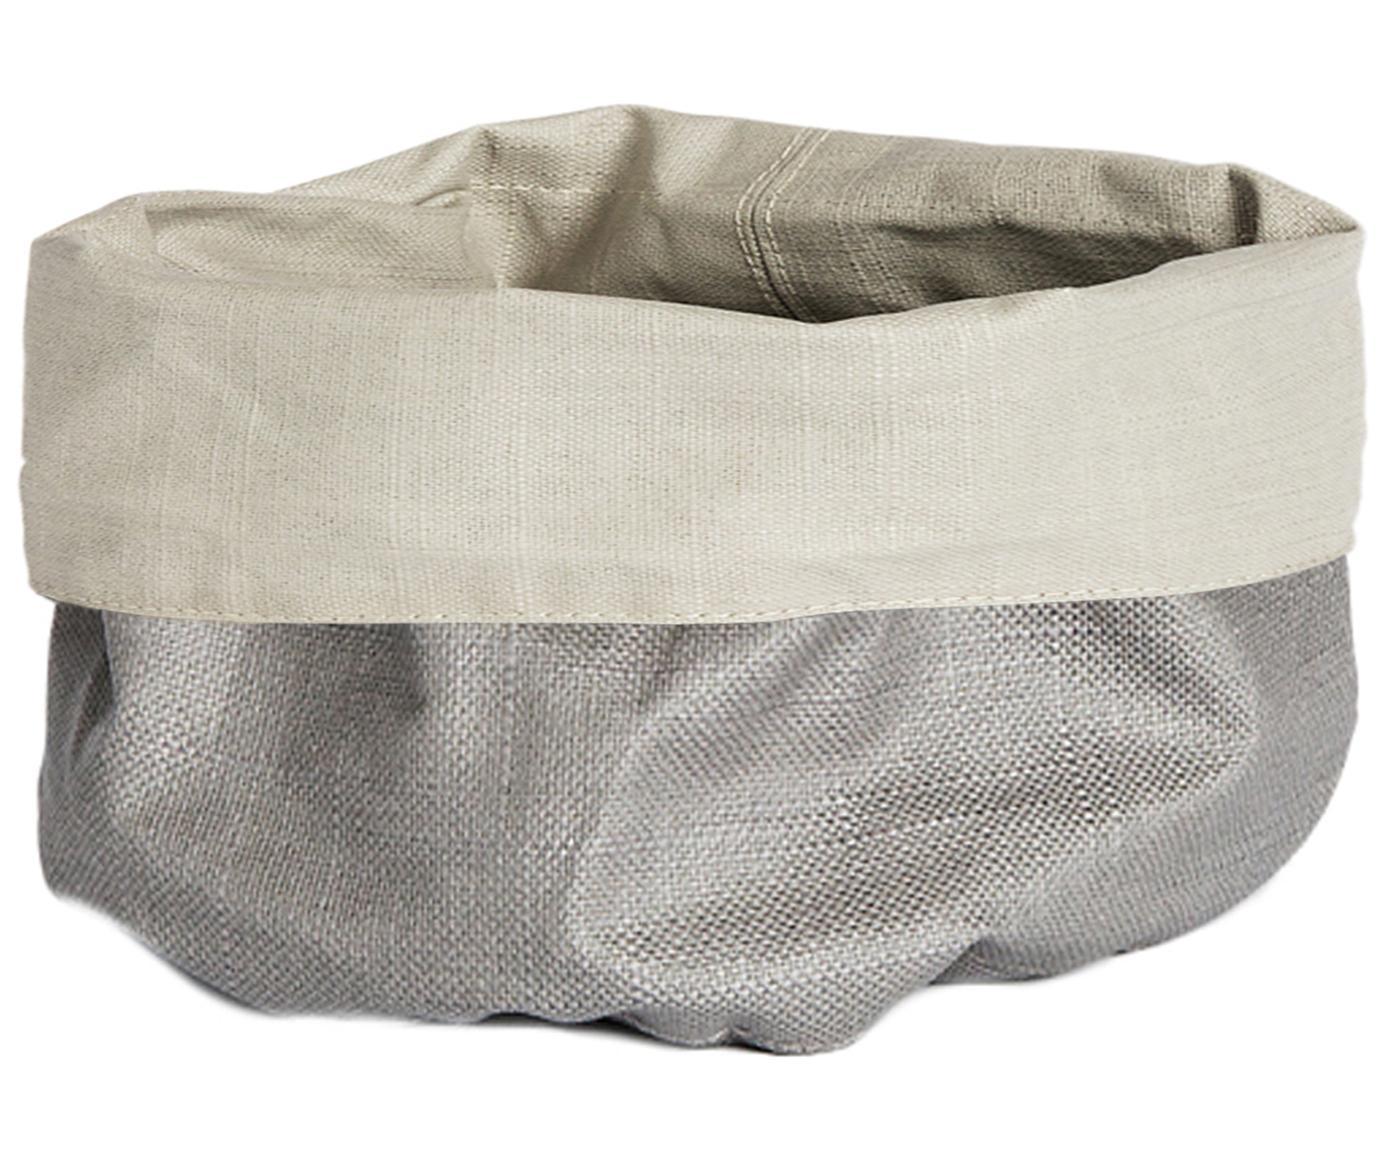 Broodmand Patinn, 55% linnen, 45% katoen, polyurethaan gecoat, Beige, lichtgrijs, Ø 16 x H 20 cm